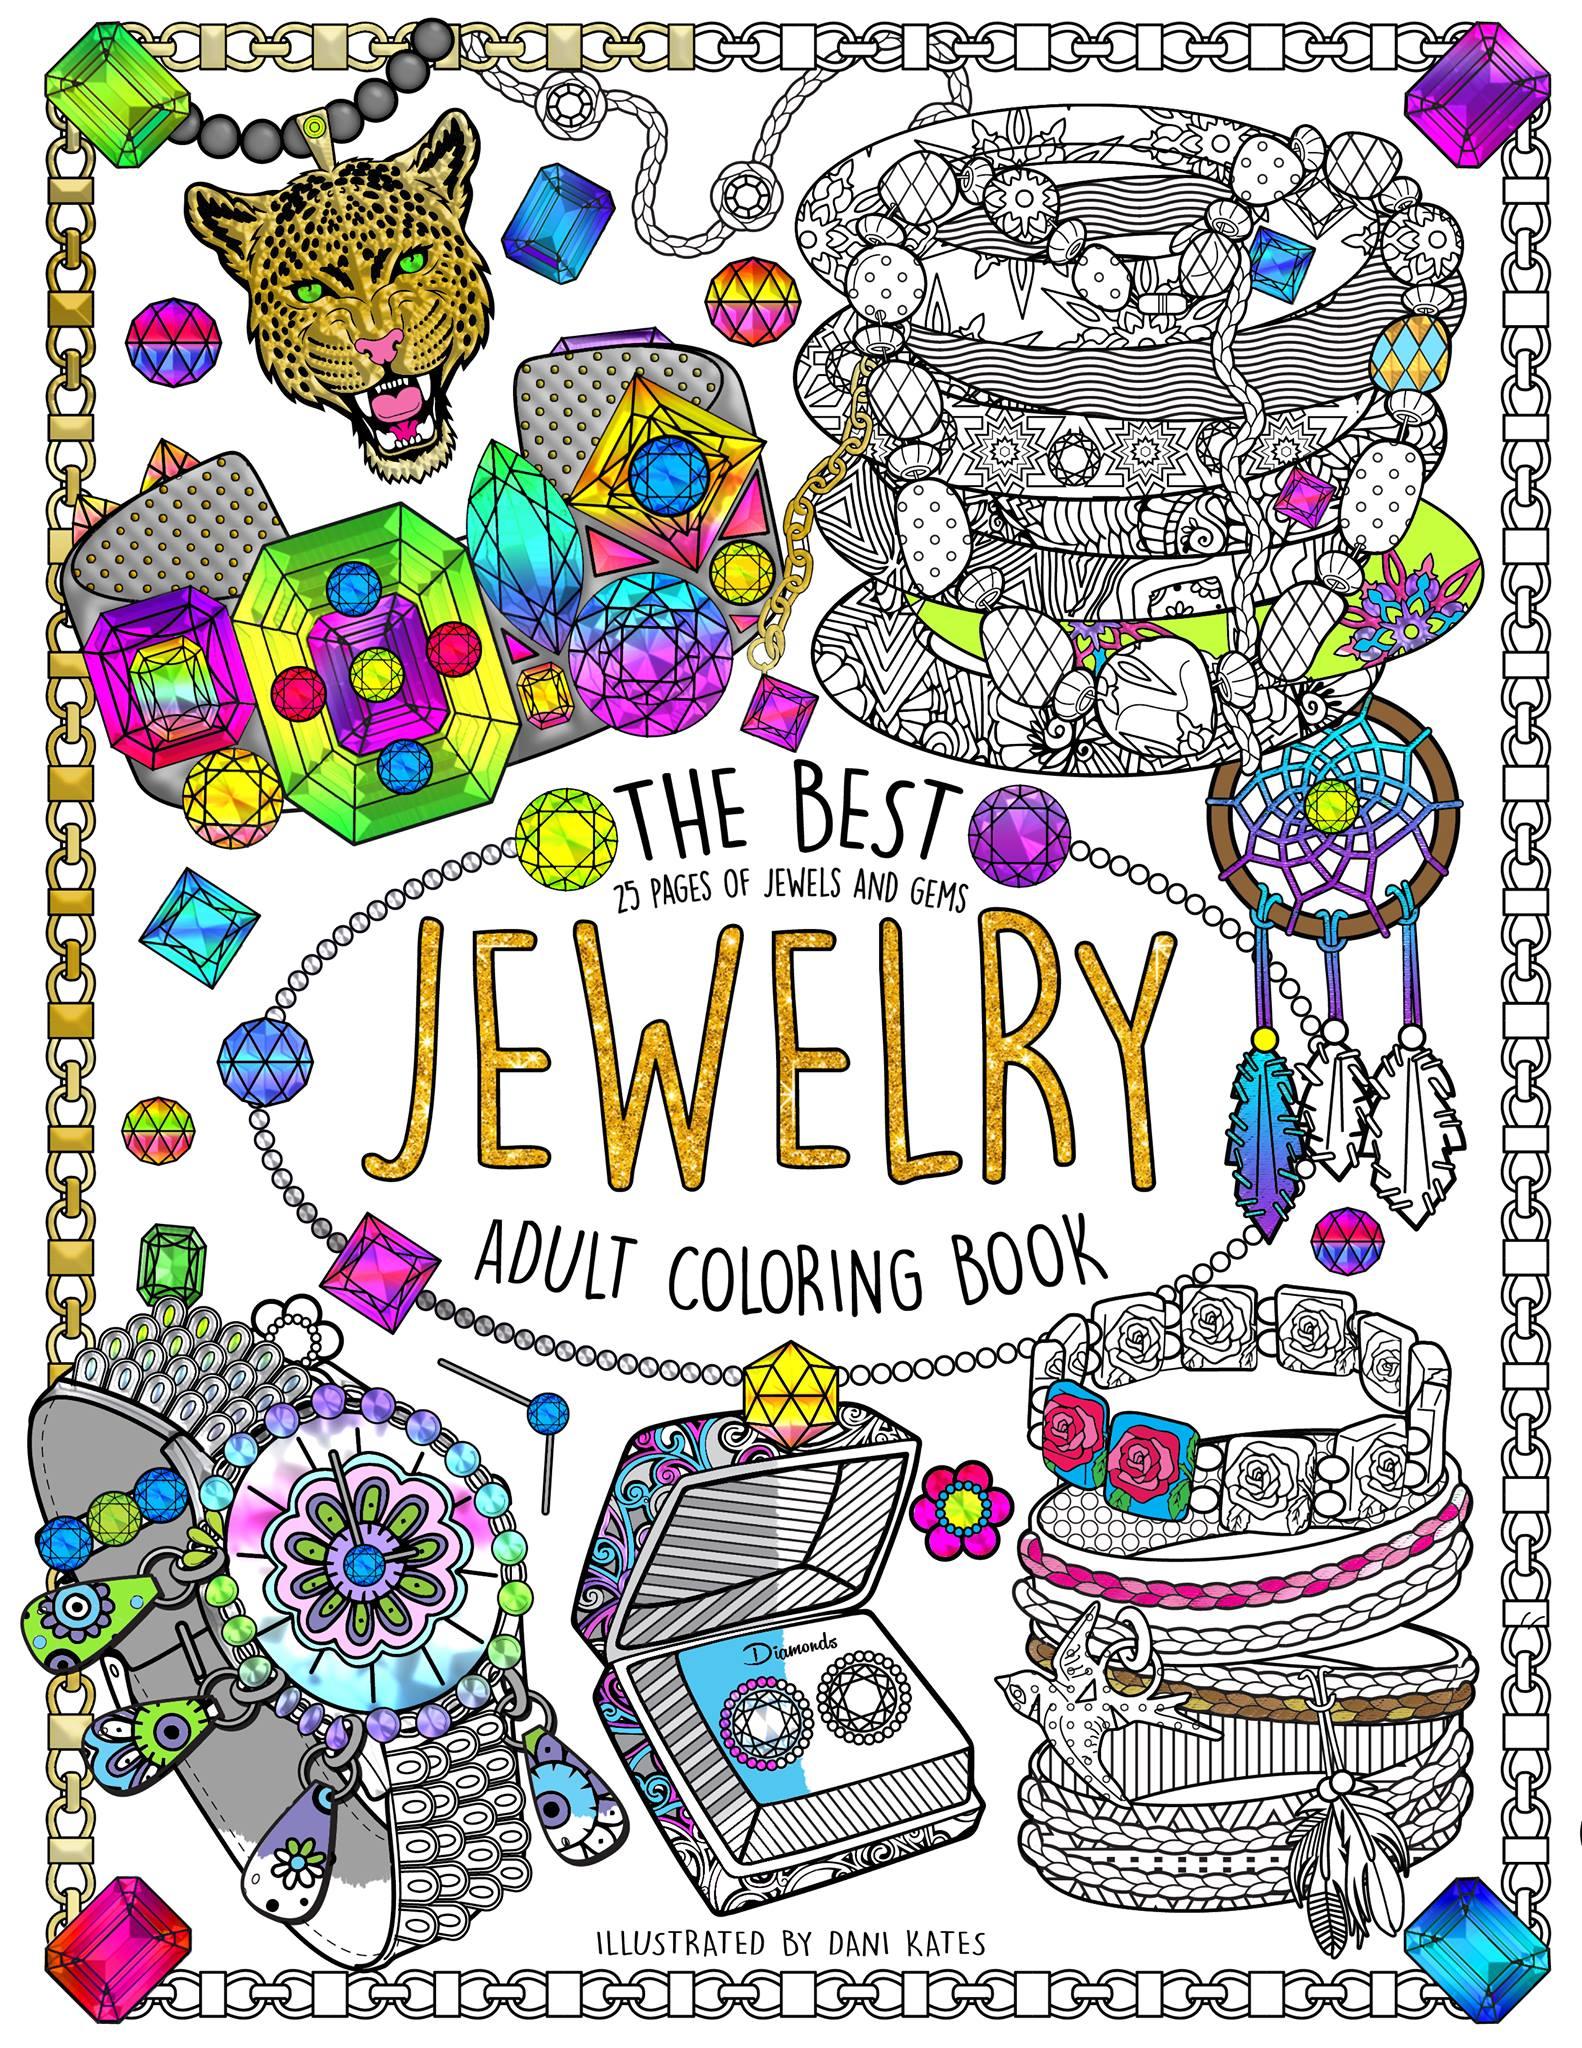 Disegni da colorare per adulti : Moda e abbigliamento - 24